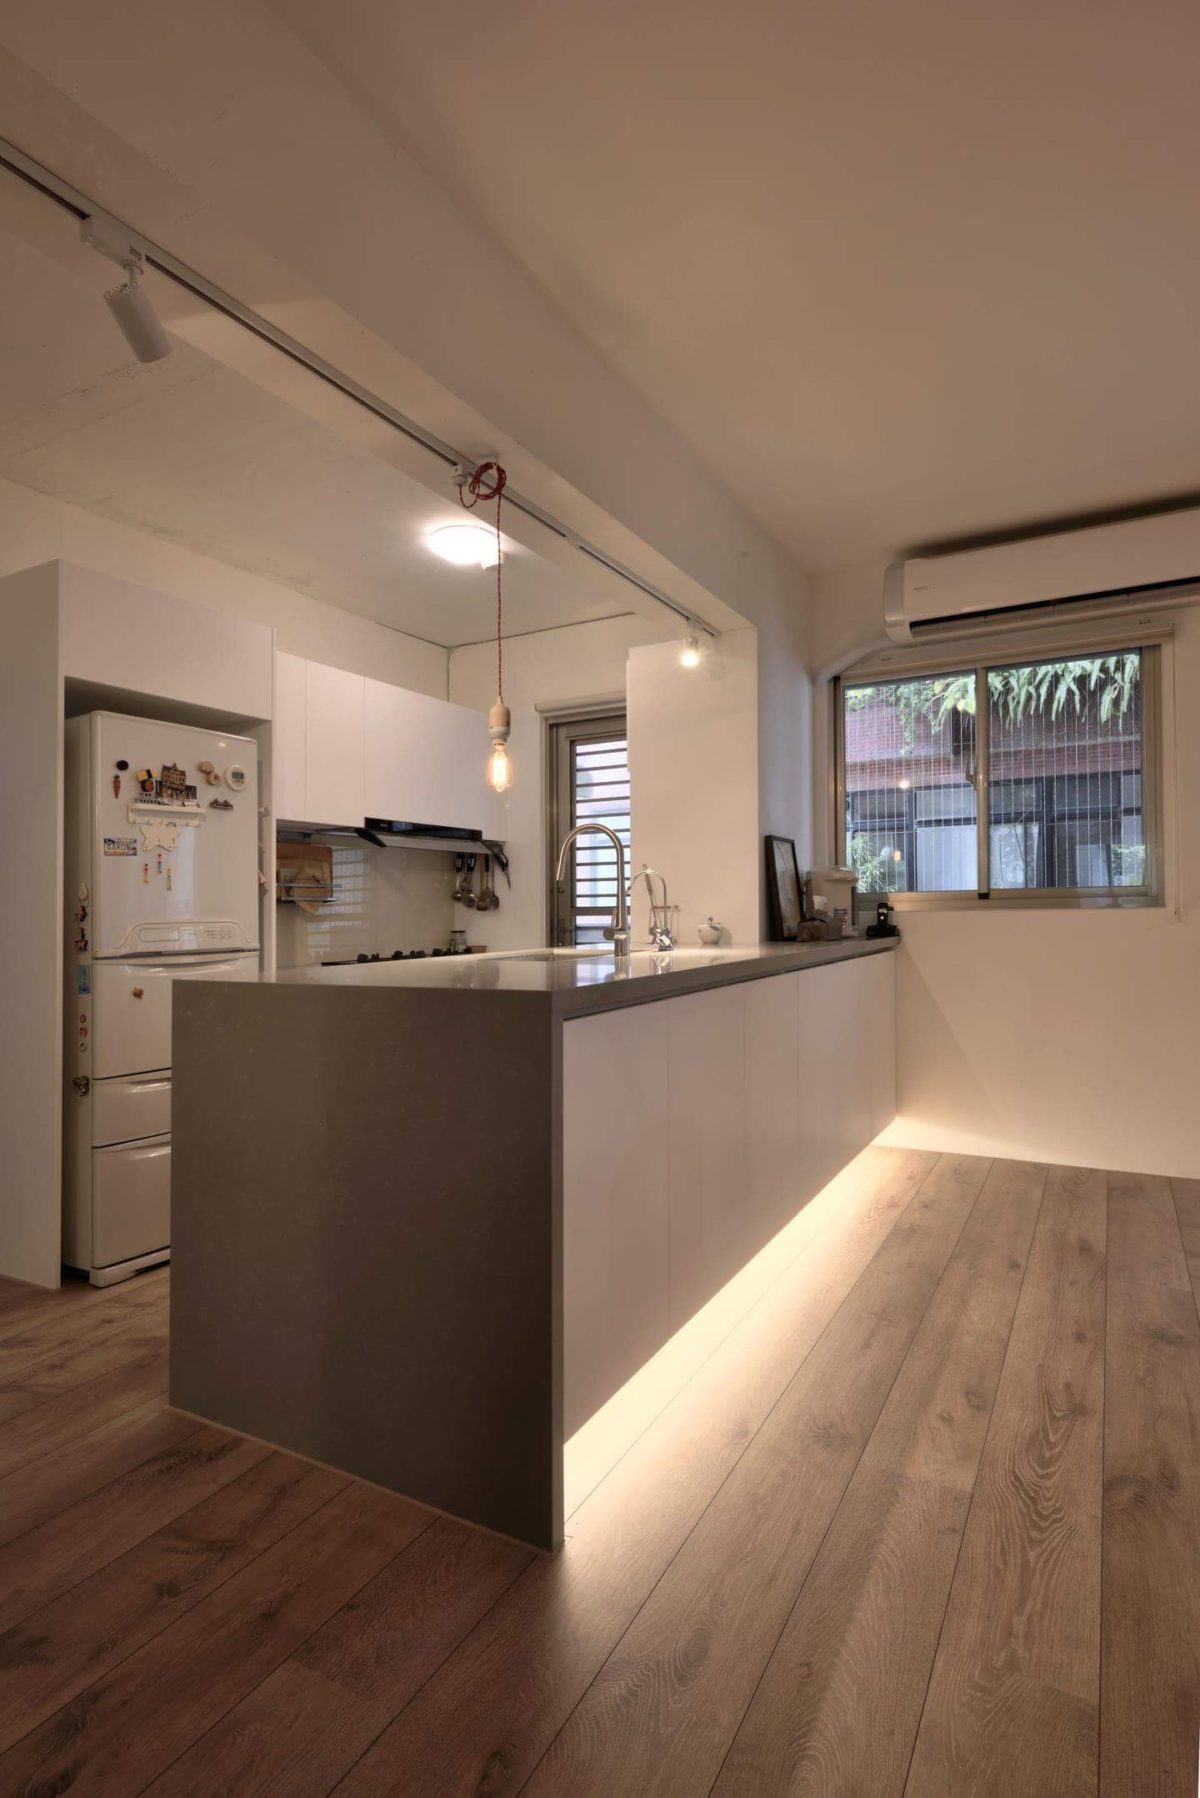 廚房中島是雙面櫃設計,靠工作室這面是淺收納櫃,主要放置材料、樣品與工具雜物;靠廚房則是正常廚具下櫃